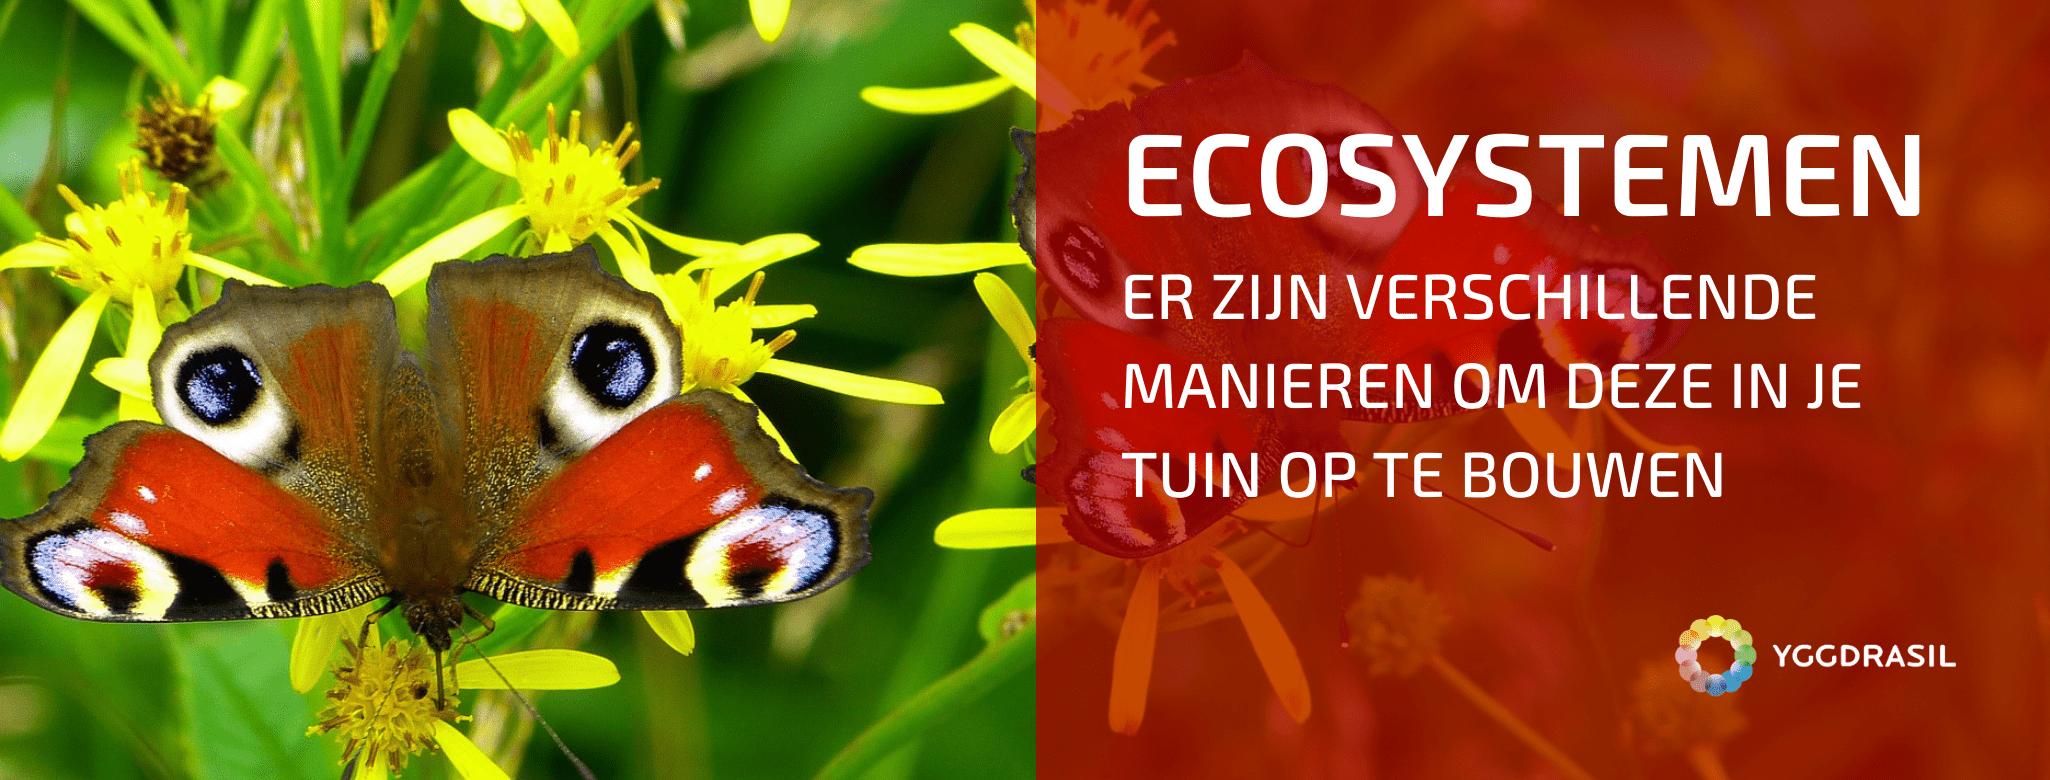 Verschillende Manieren Om een Ecosysteem Op Te Bouwen